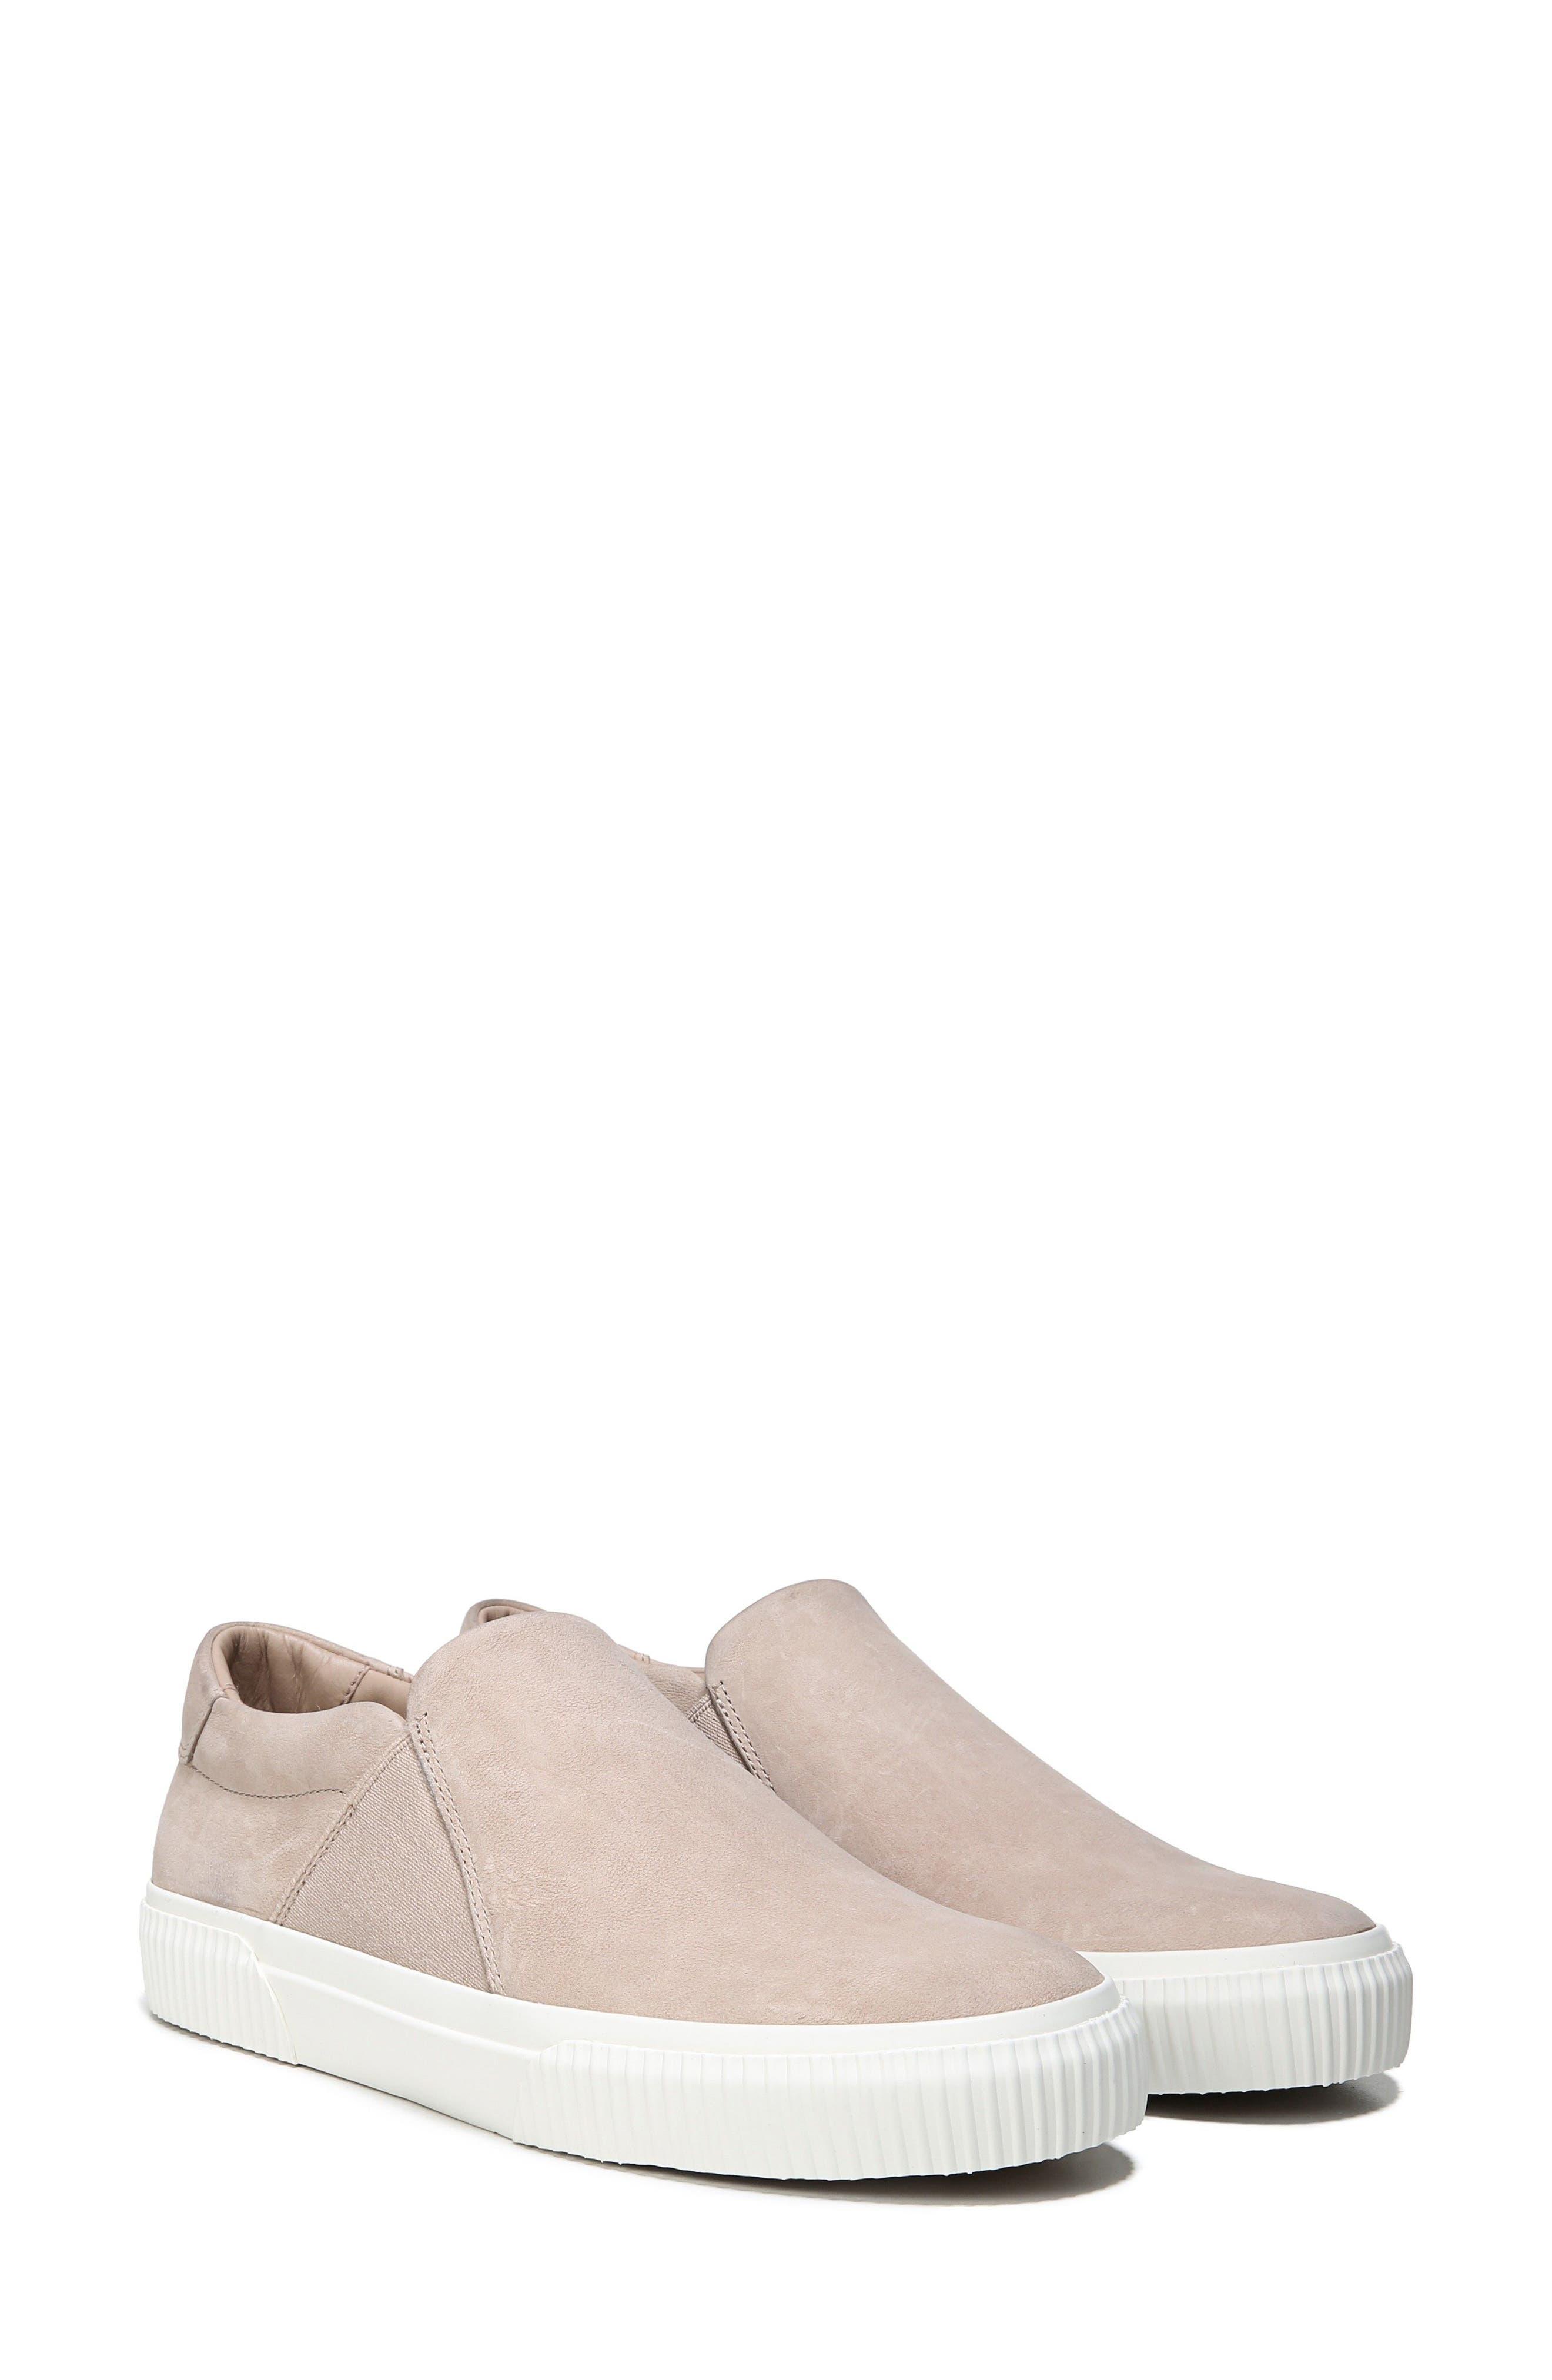 Knox Slip-On Sneaker,                             Alternate thumbnail 16, color,